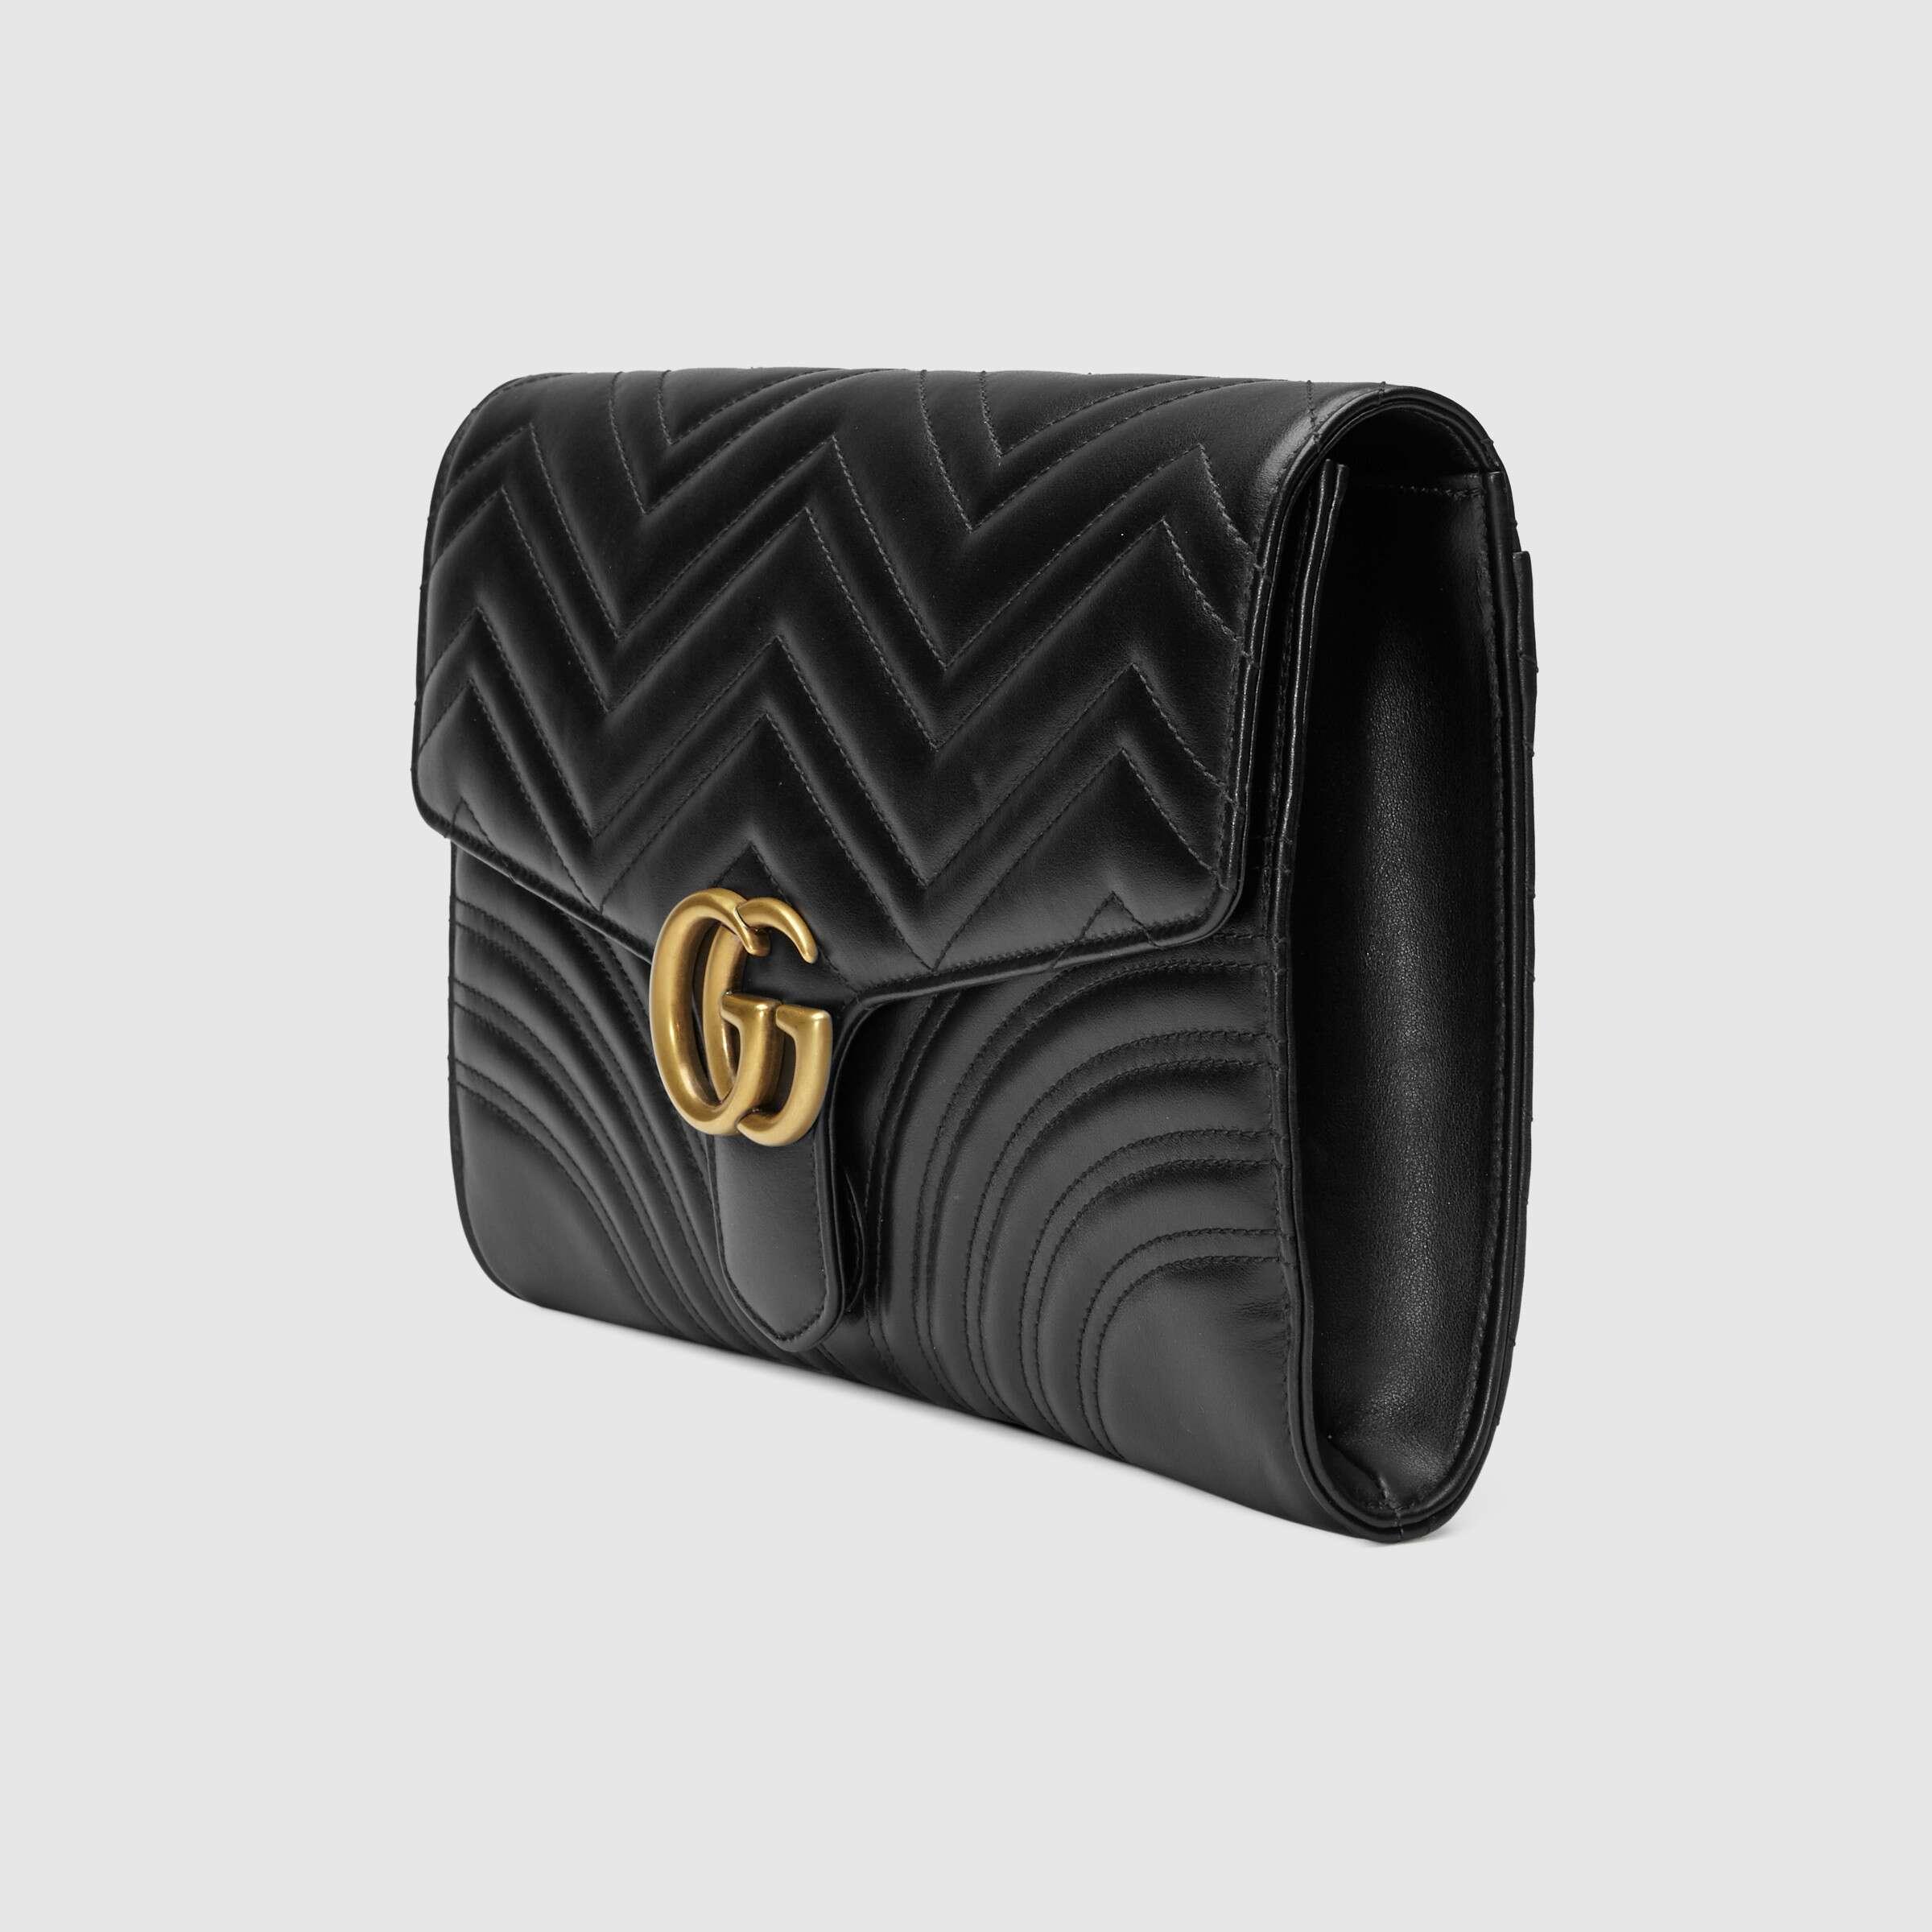 유럽직배송 구찌 GUCCI GG Marmont clutch 498079DTDIT1000